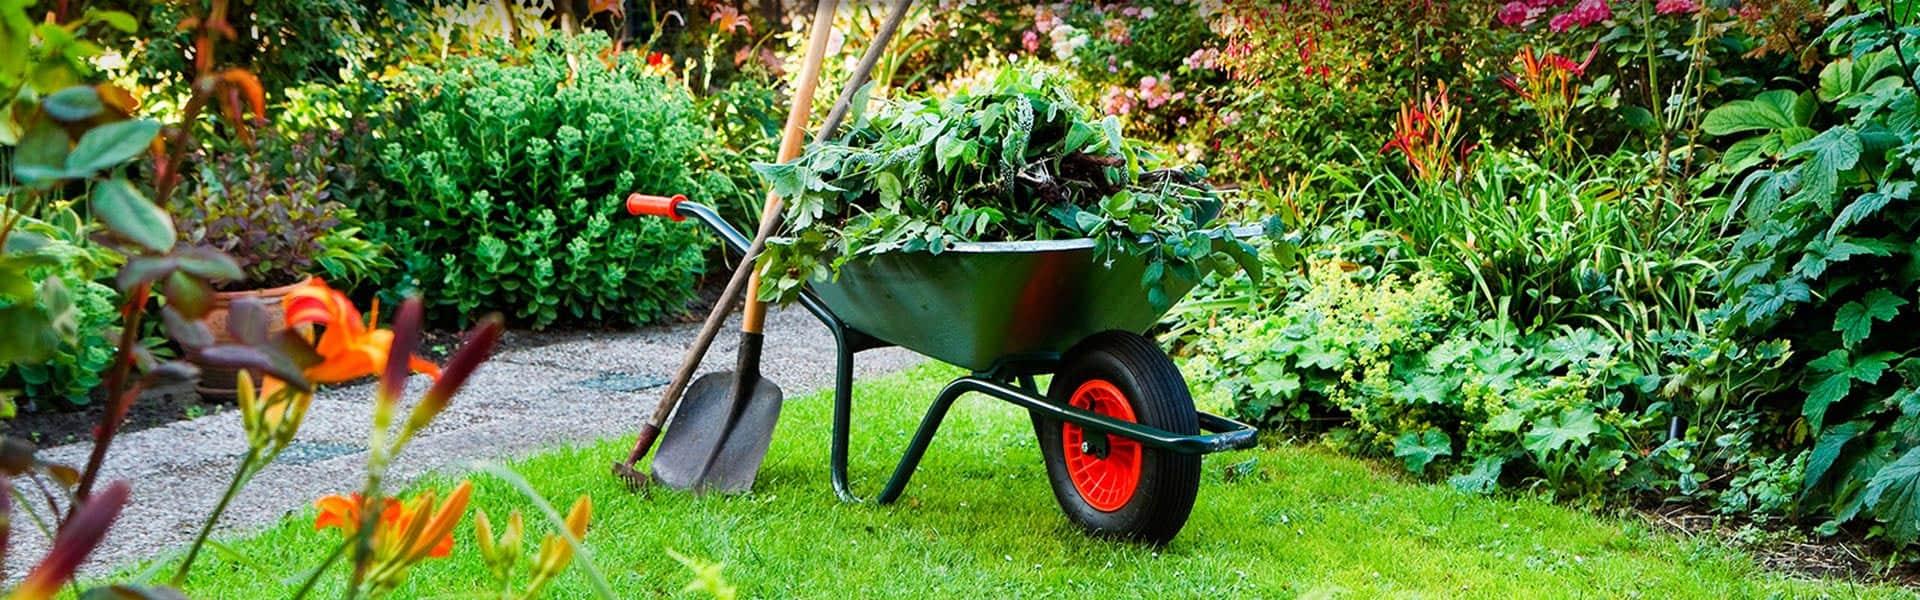 Best-Garden-Cart